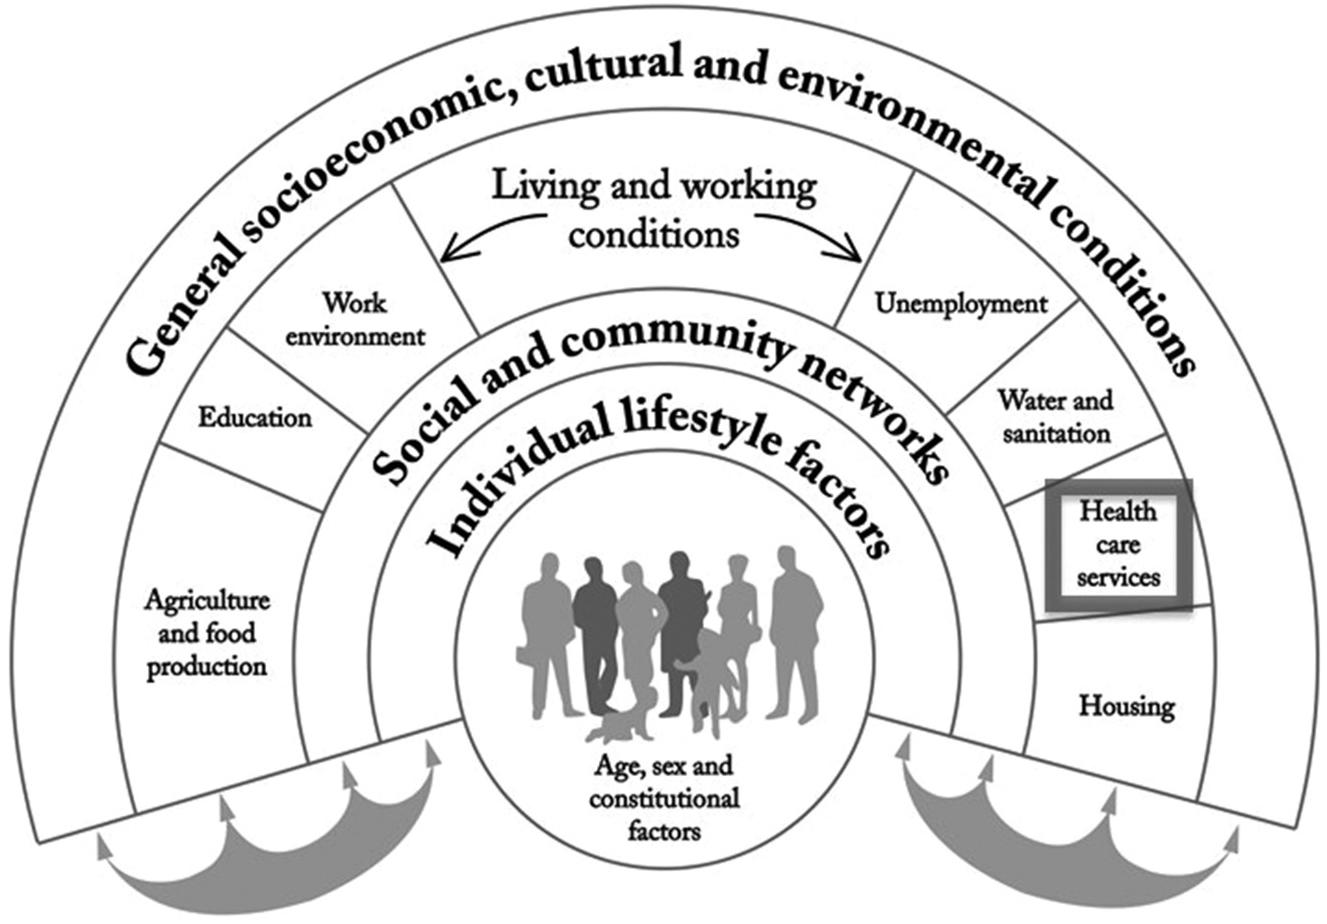 SFL in Application (Part III) - The Cambridge Handbook of